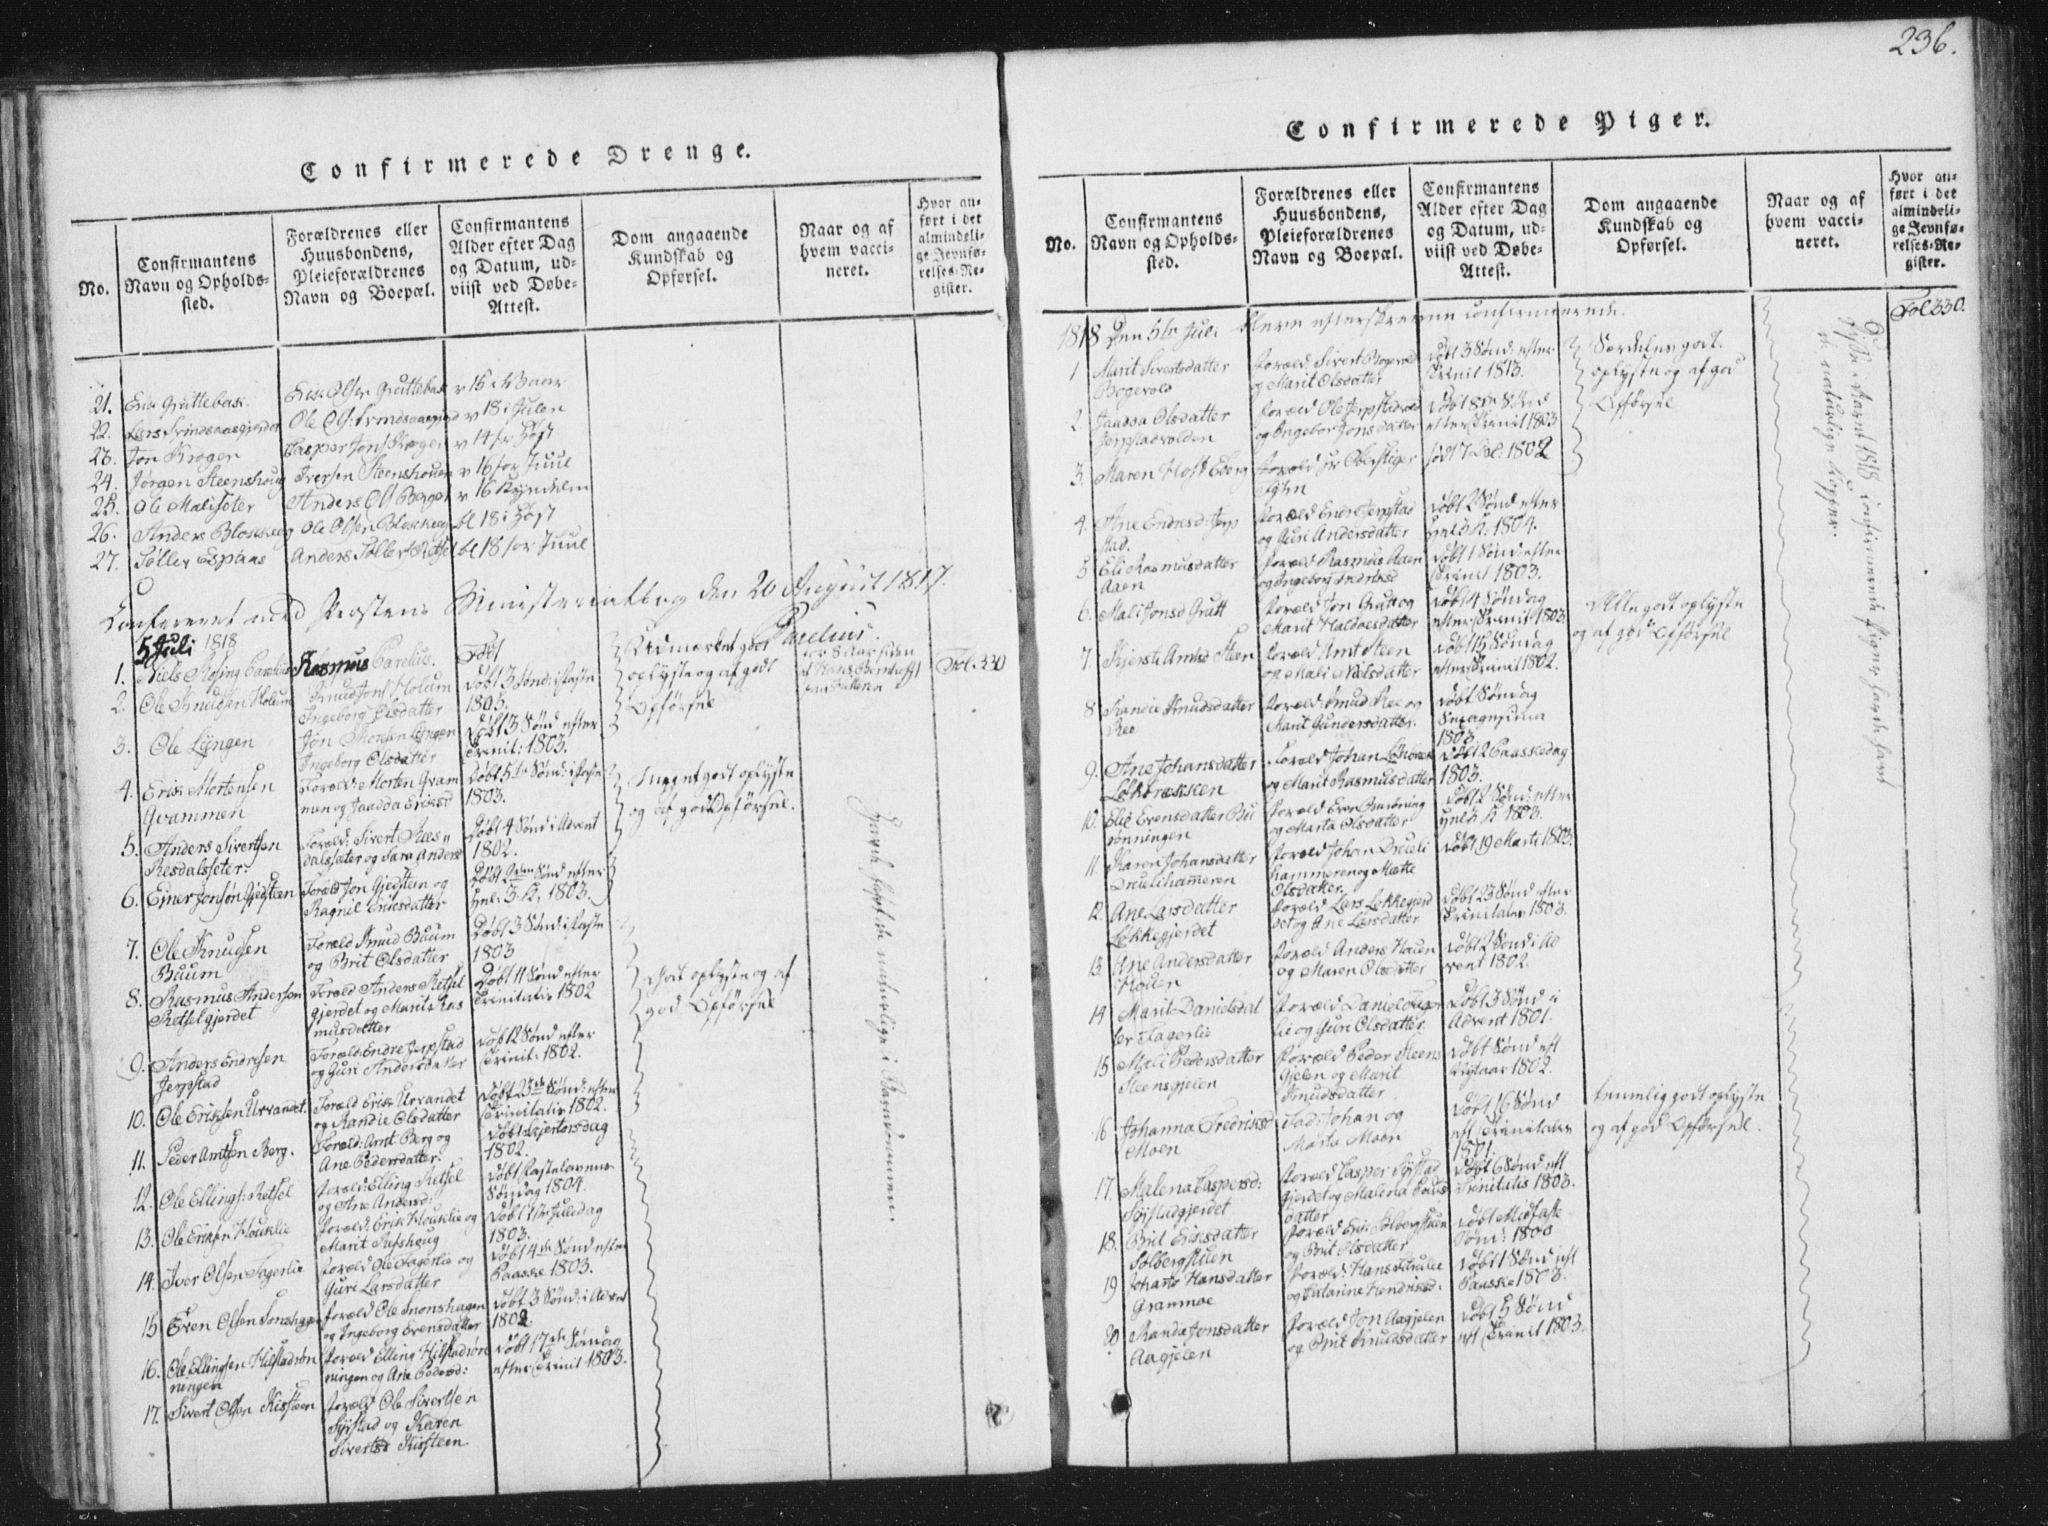 SAT, Ministerialprotokoller, klokkerbøker og fødselsregistre - Sør-Trøndelag, 672/L0862: Klokkerbok nr. 672C01, 1816-1831, s. 236